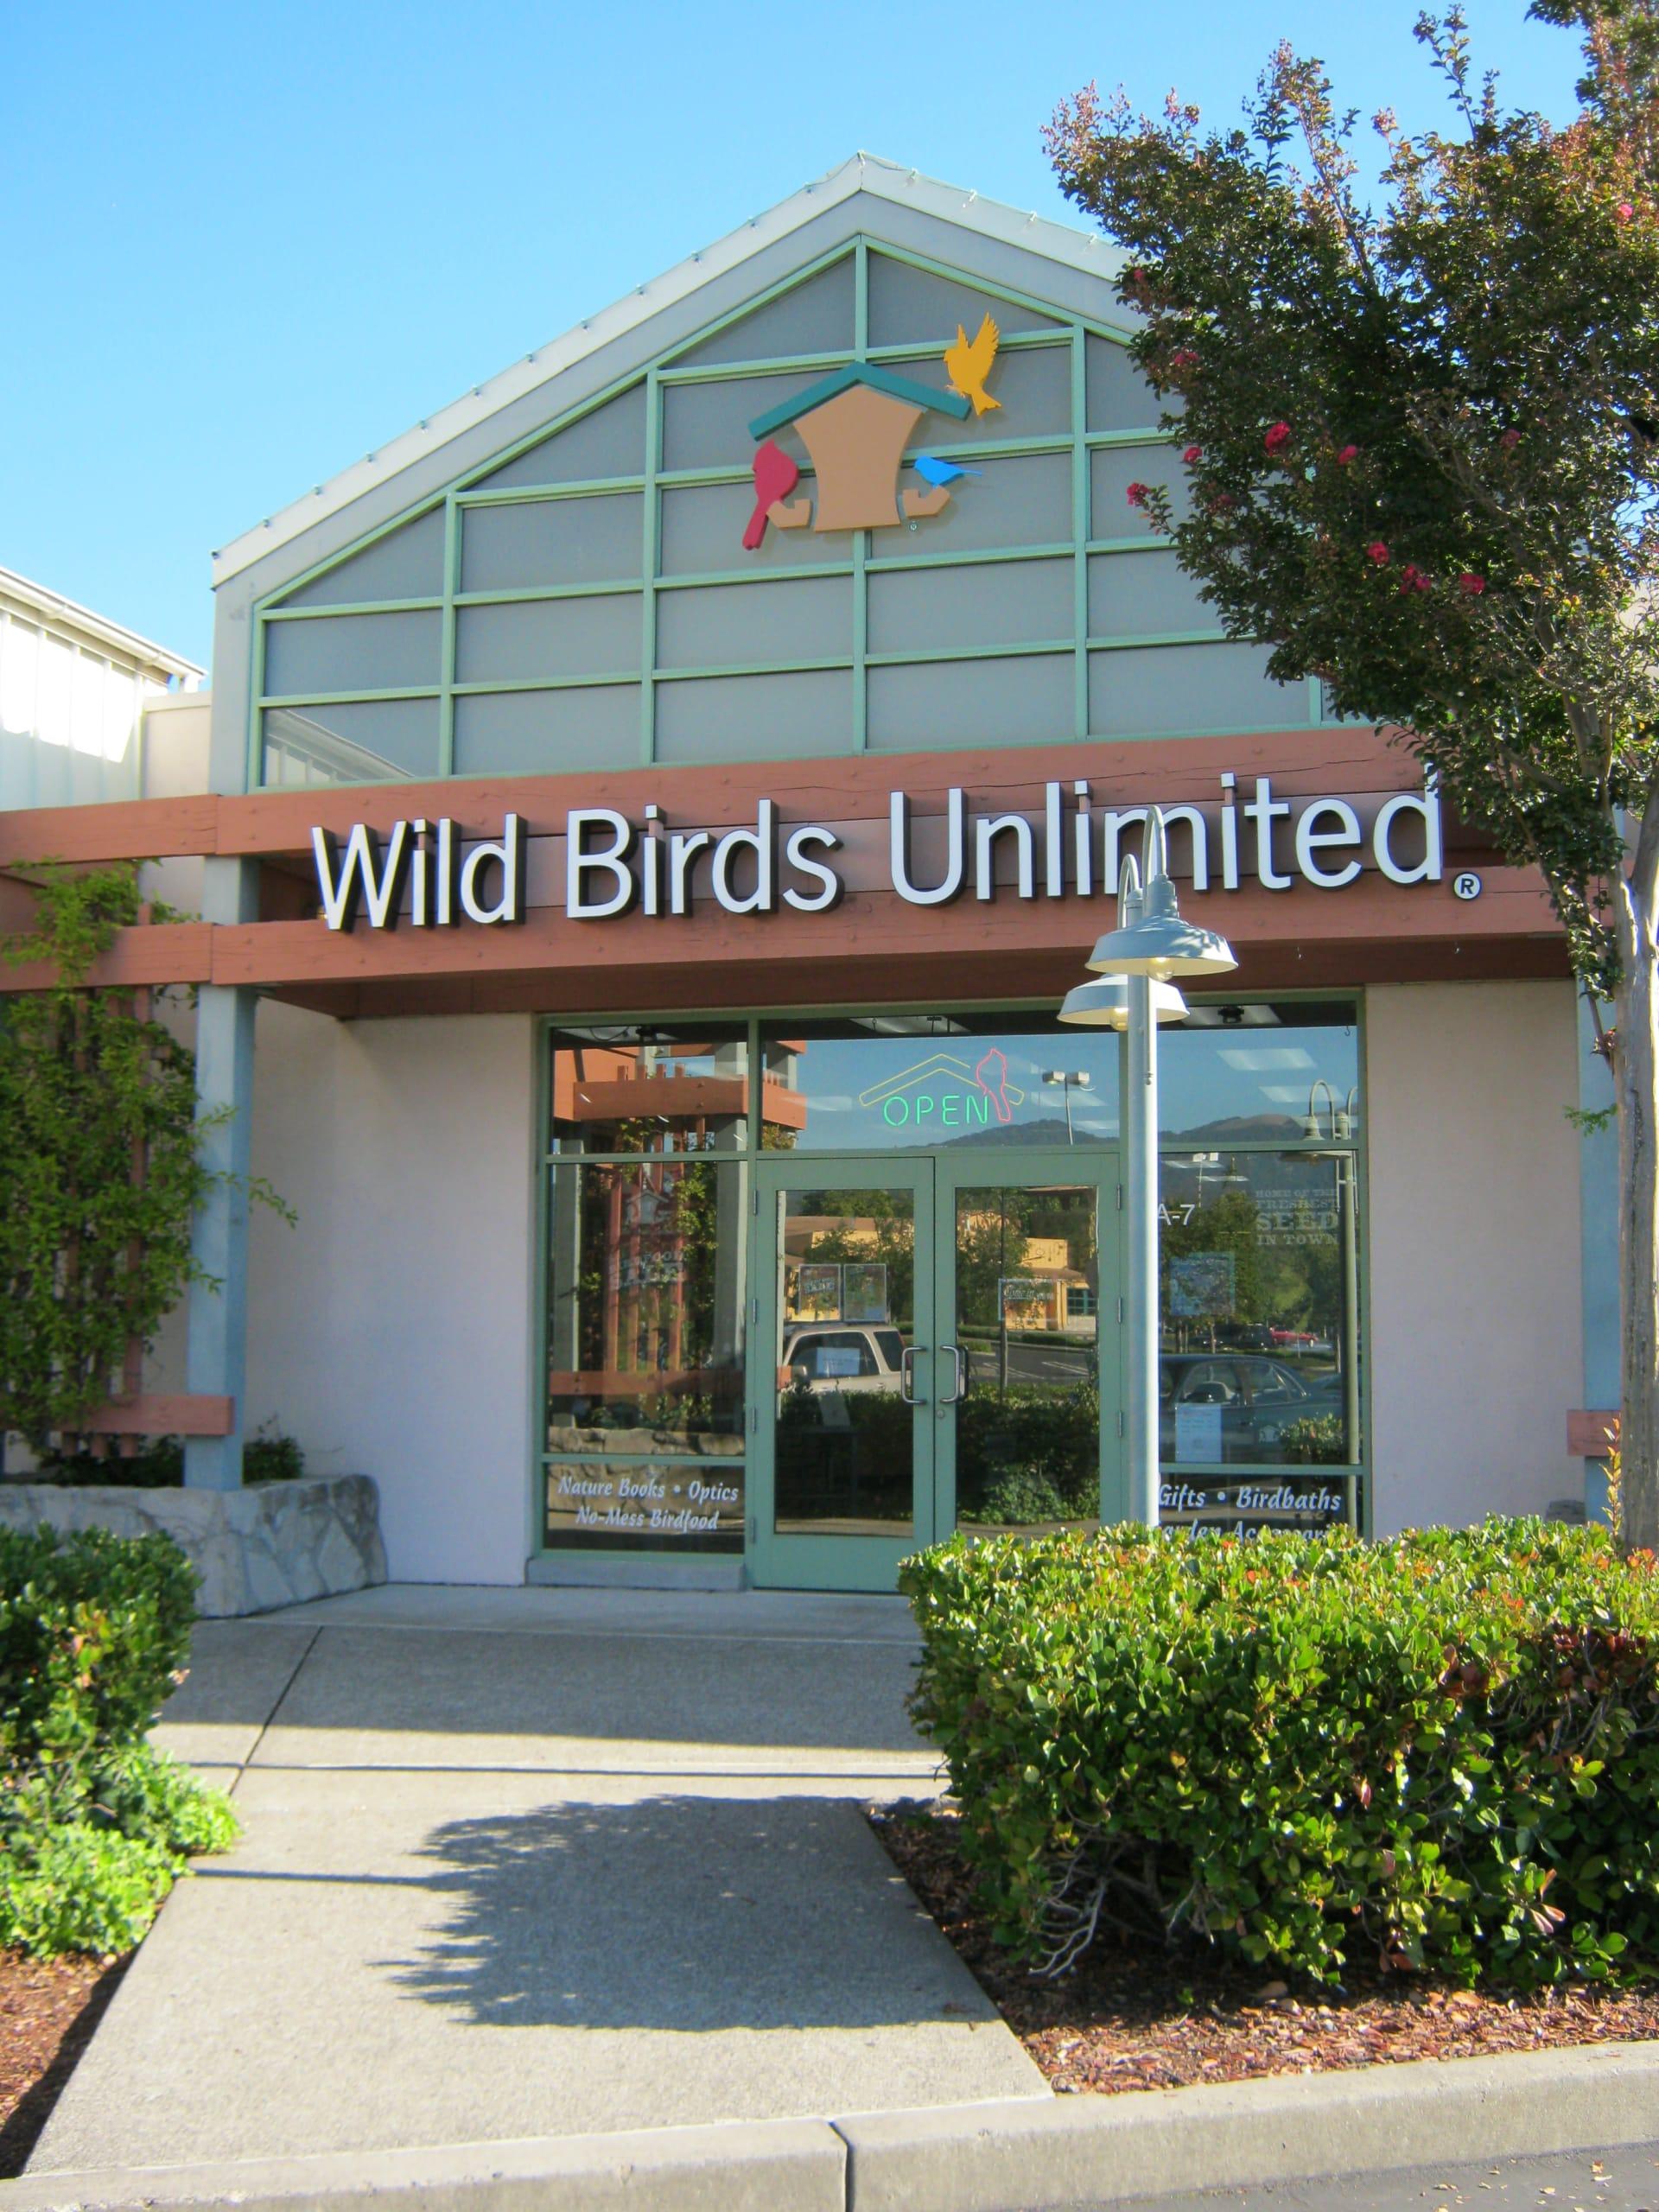 Wild Birds Unlimited storefront